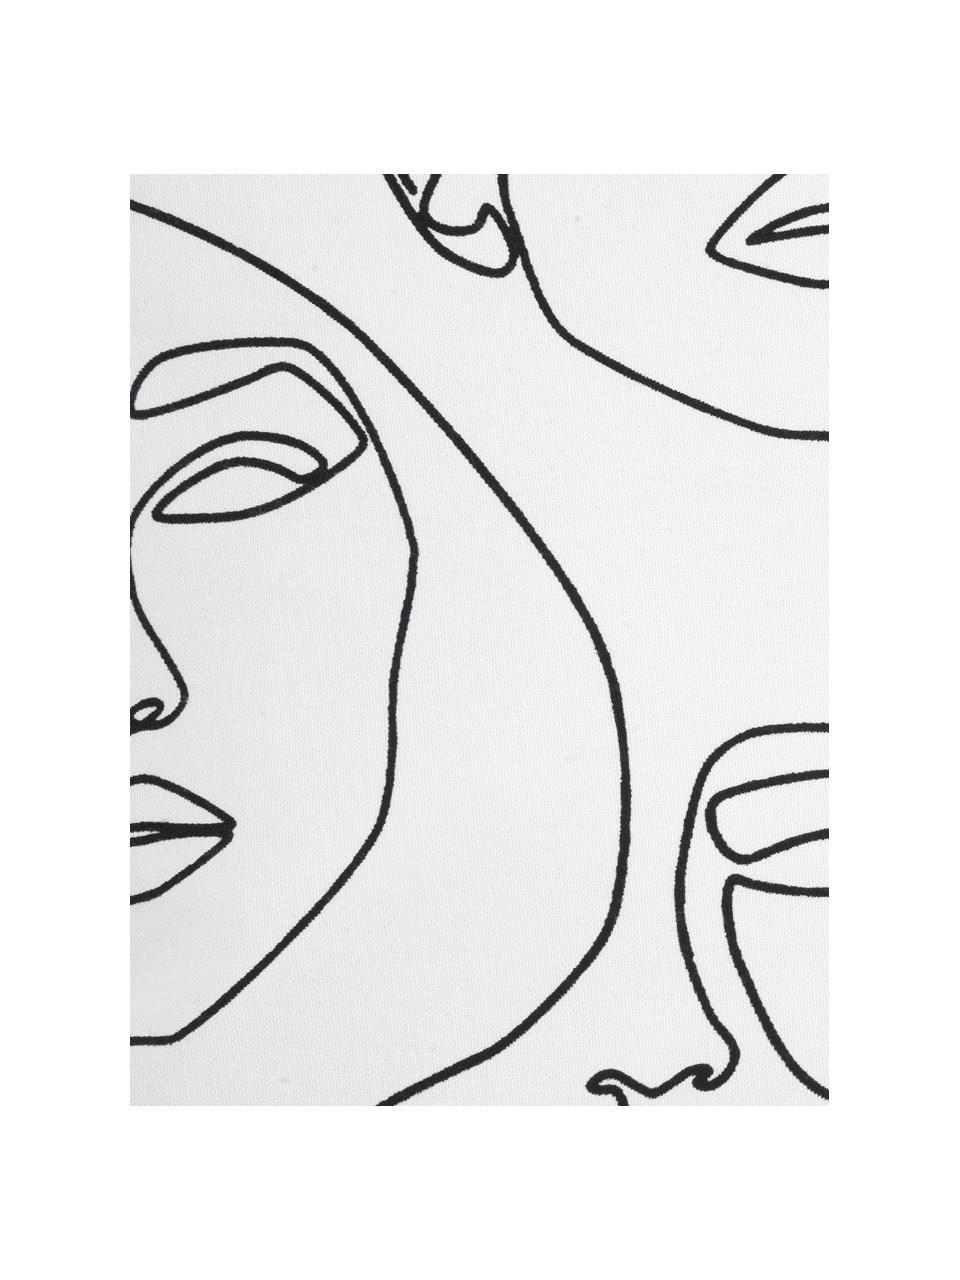 Kissenhülle Aria mit abstrakter One Line Zeichnung, Webart: Panama, Weiss, Schwarz, 40 x 40 cm